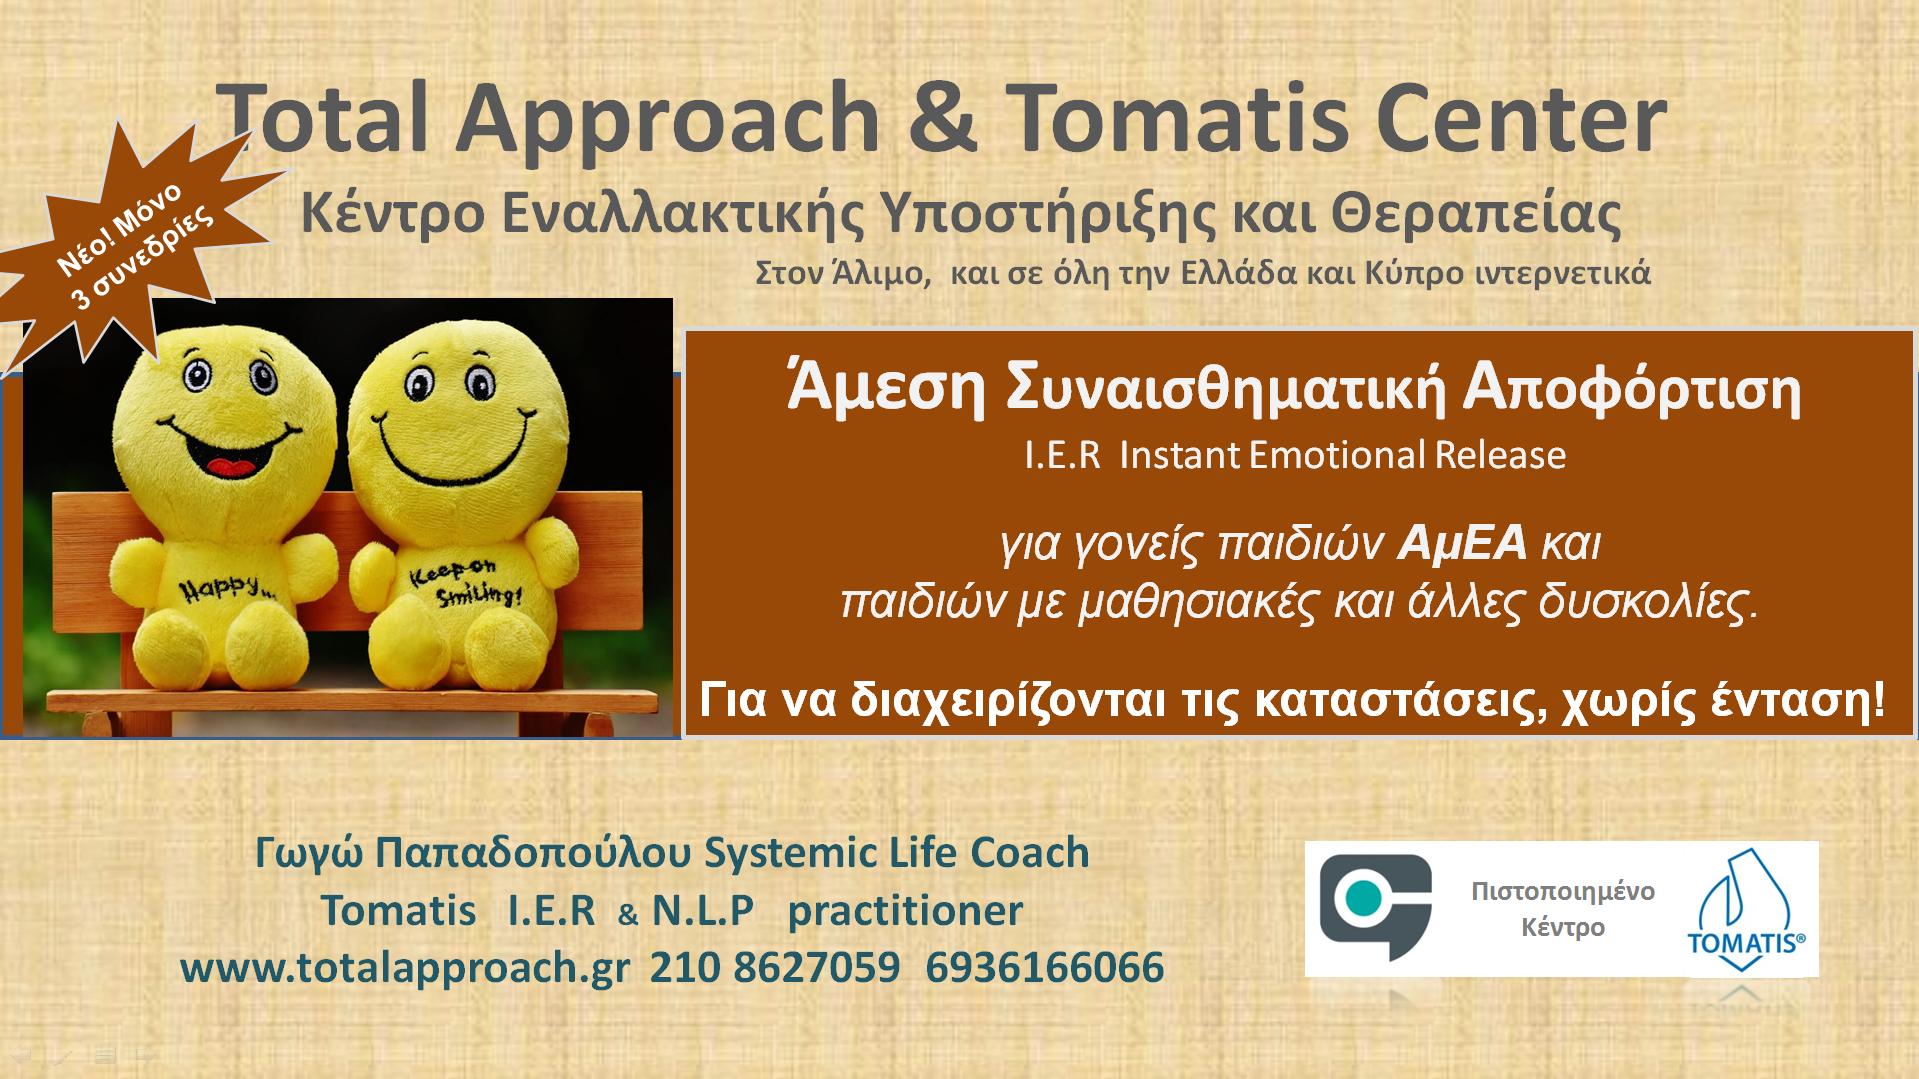 ΑμΕΑ & Συναισθηματική Αποφόρτιση | Total Approach